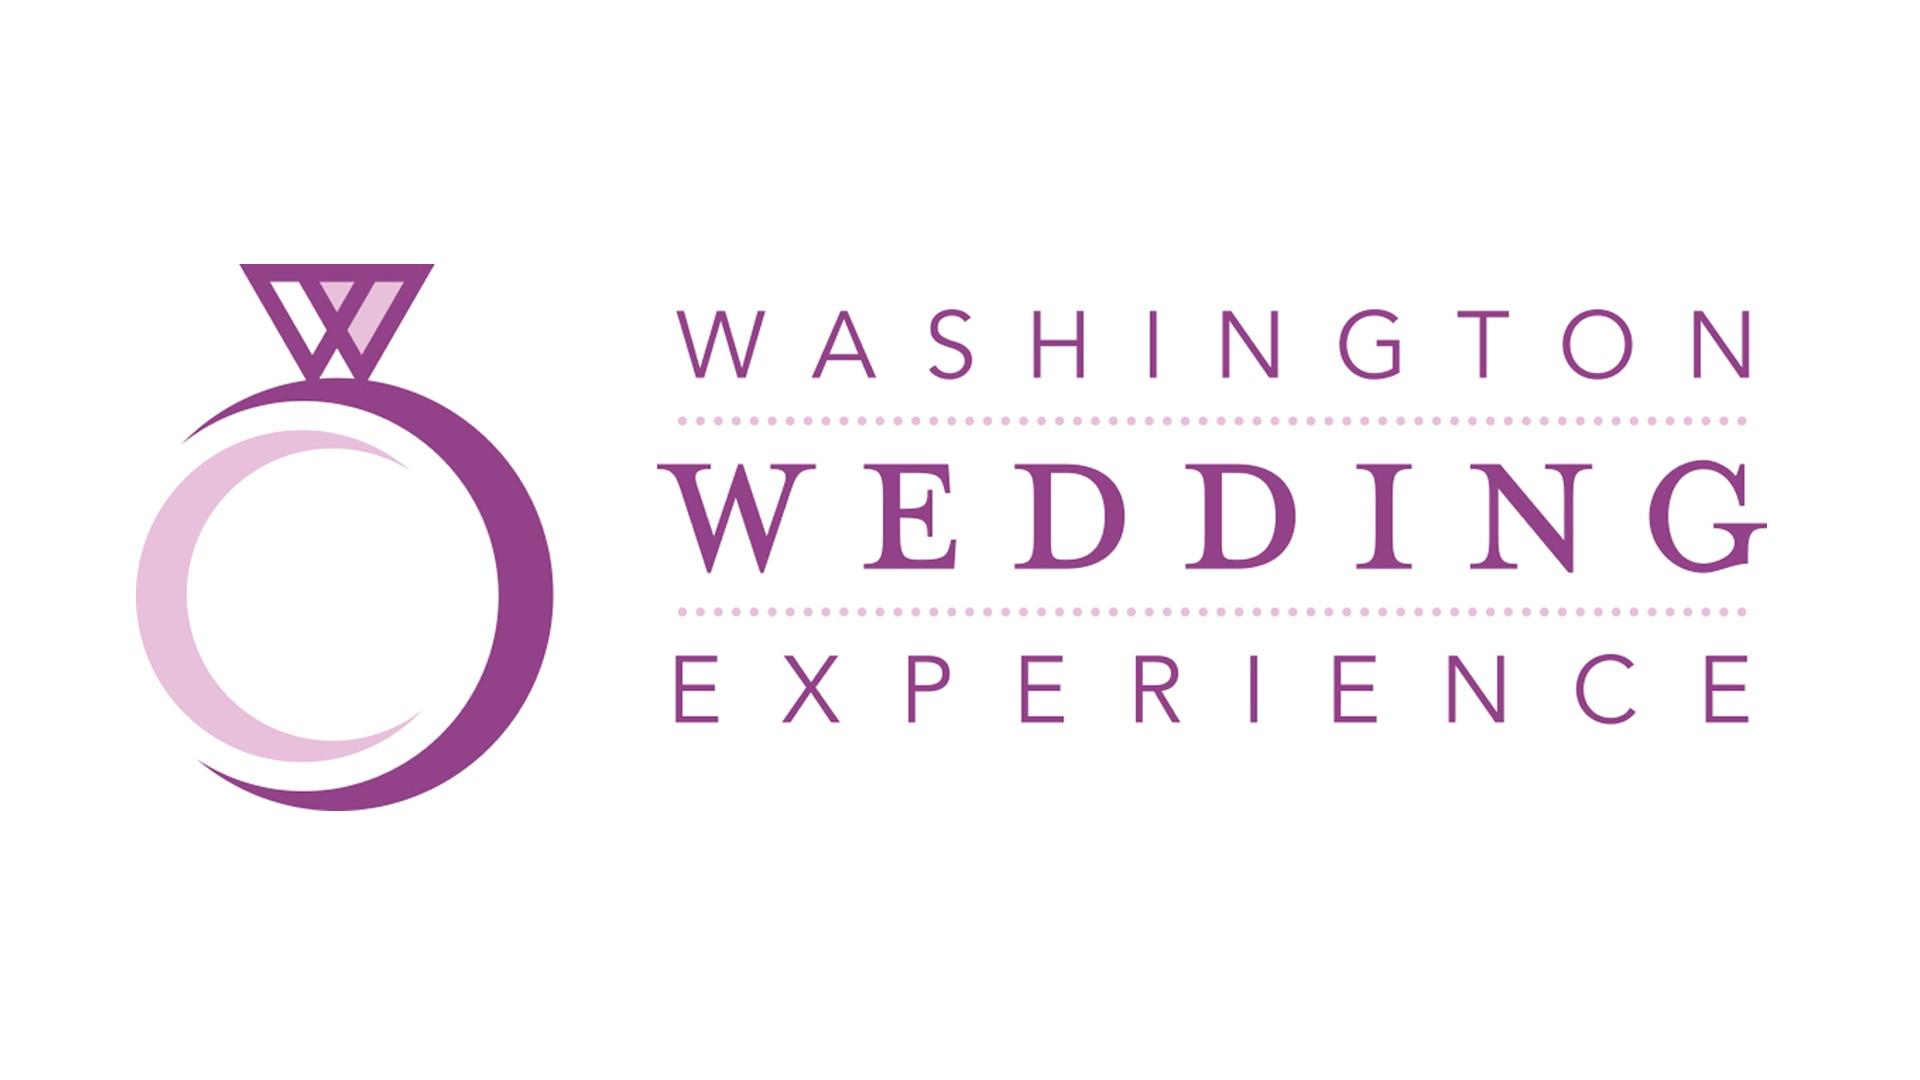 Washington Wedding Experience